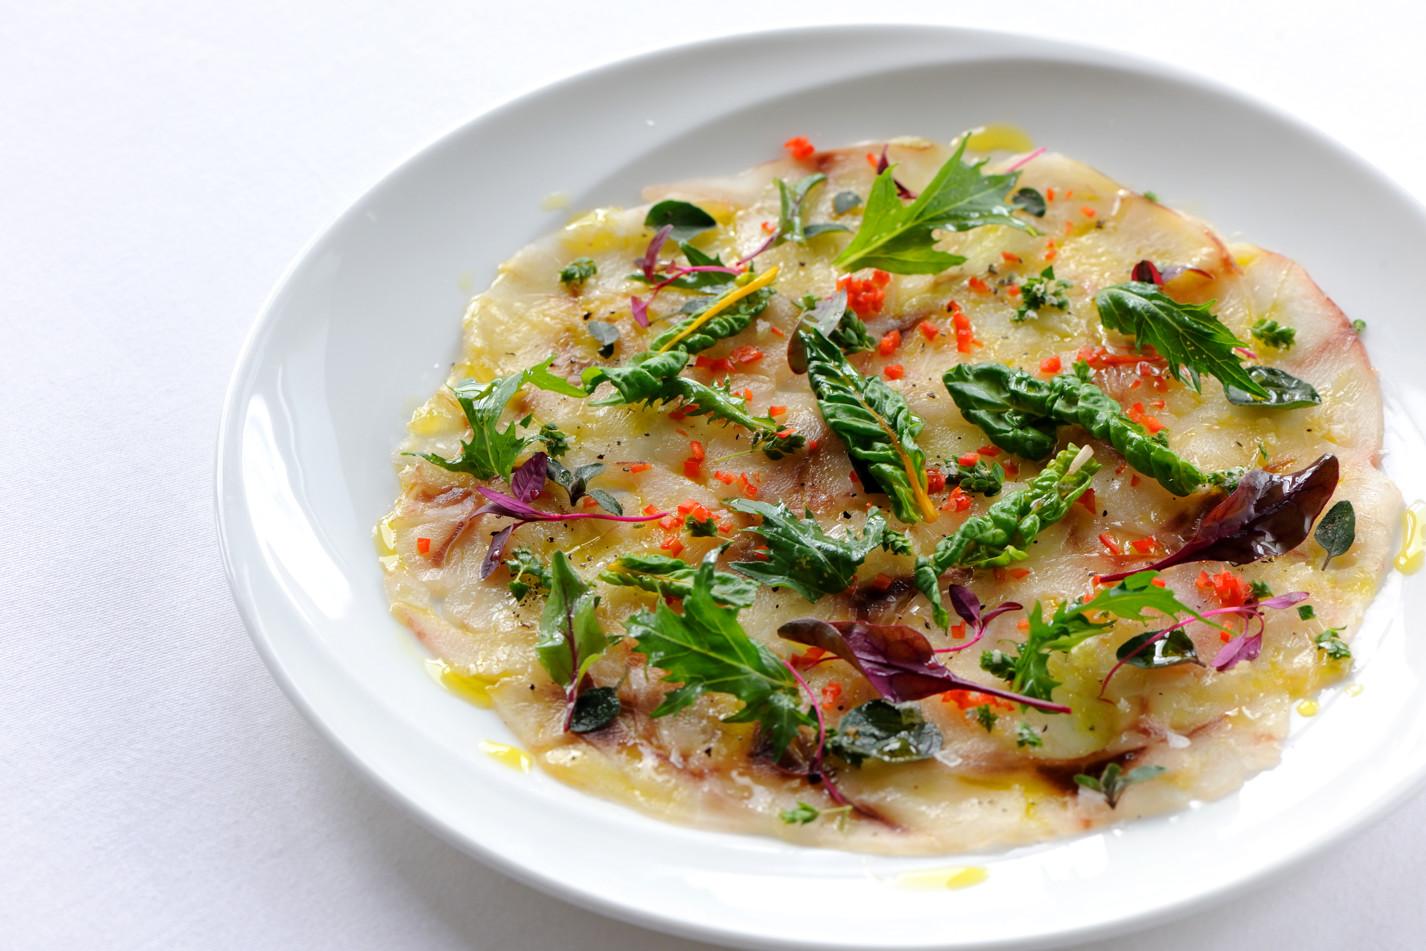 Sea bass carpaccio with chilli, oregano and olive oil